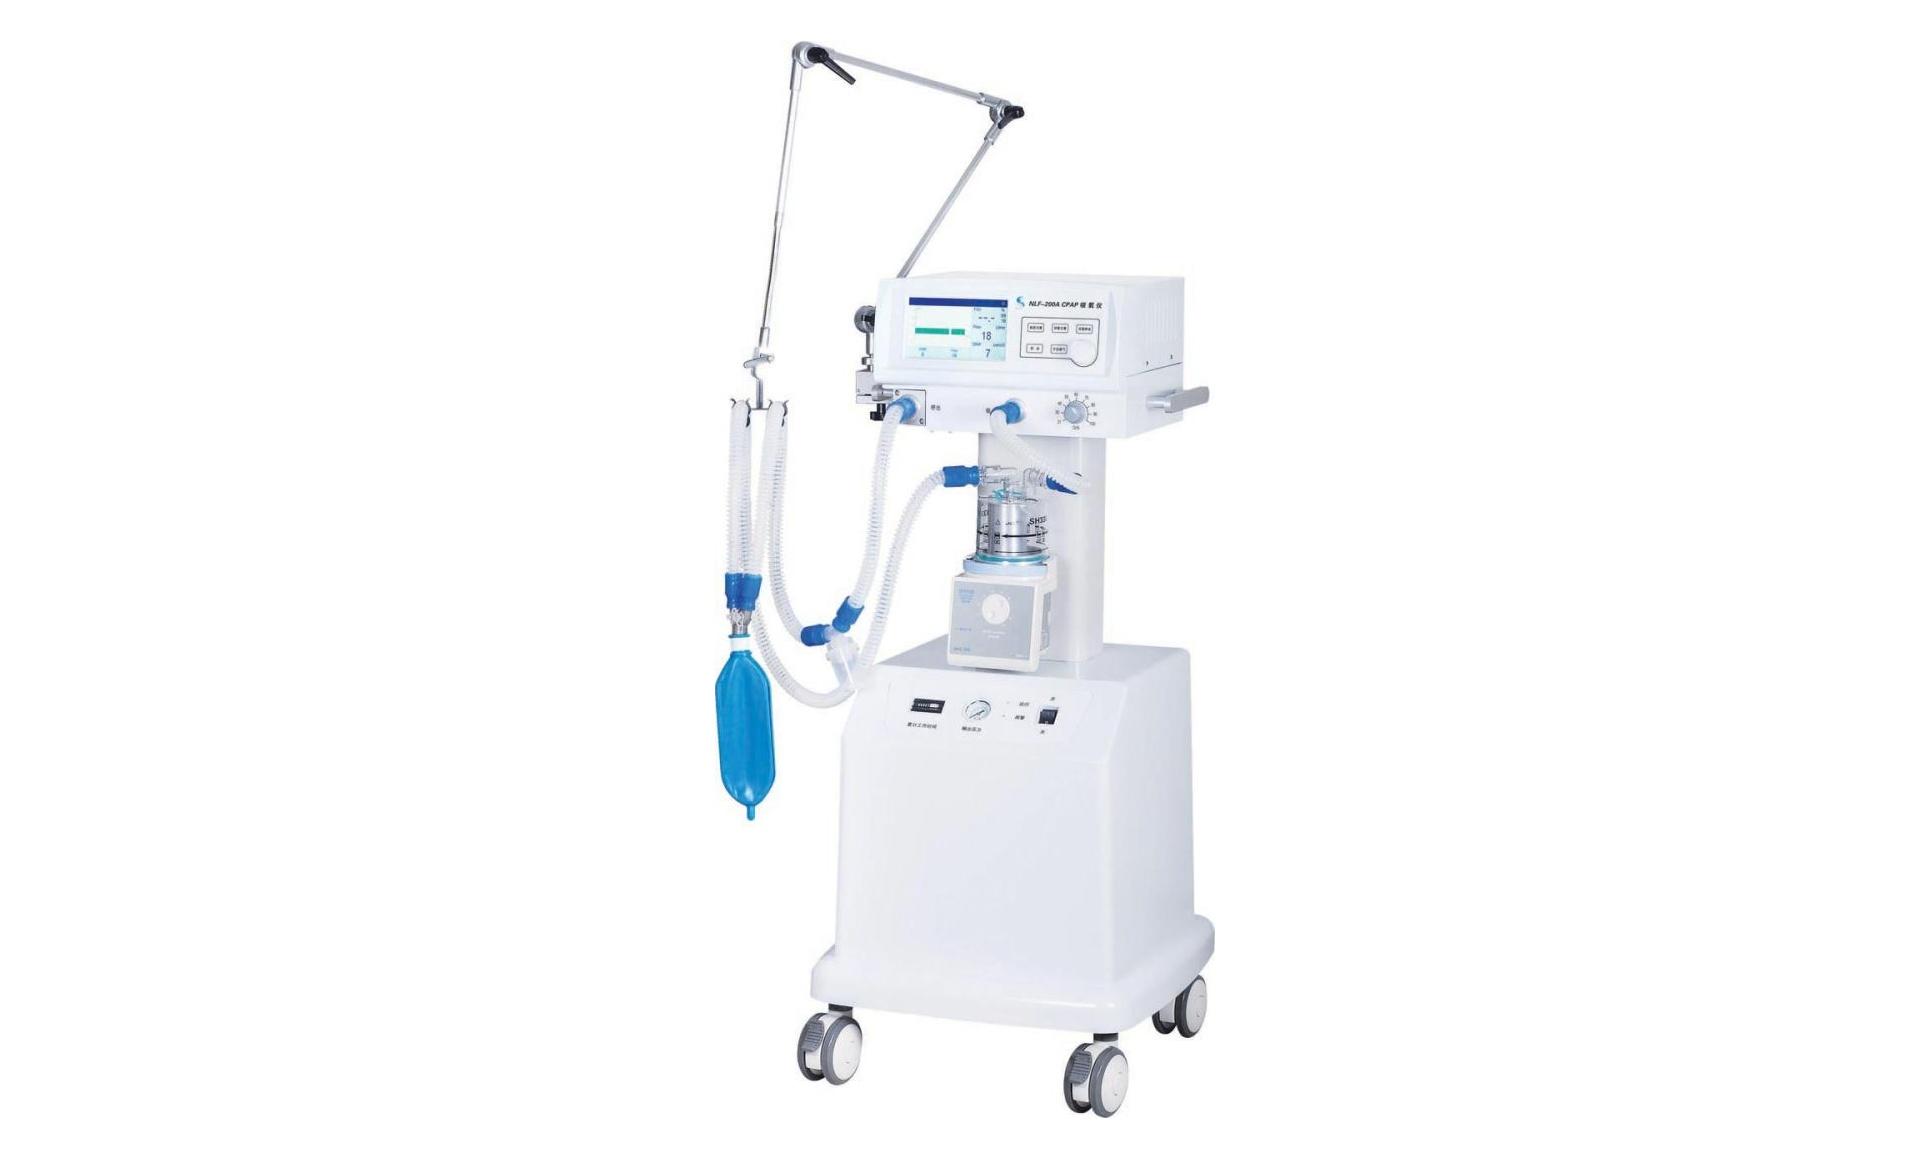 灵璧县人民医院小儿呼吸机采购项目公开招标